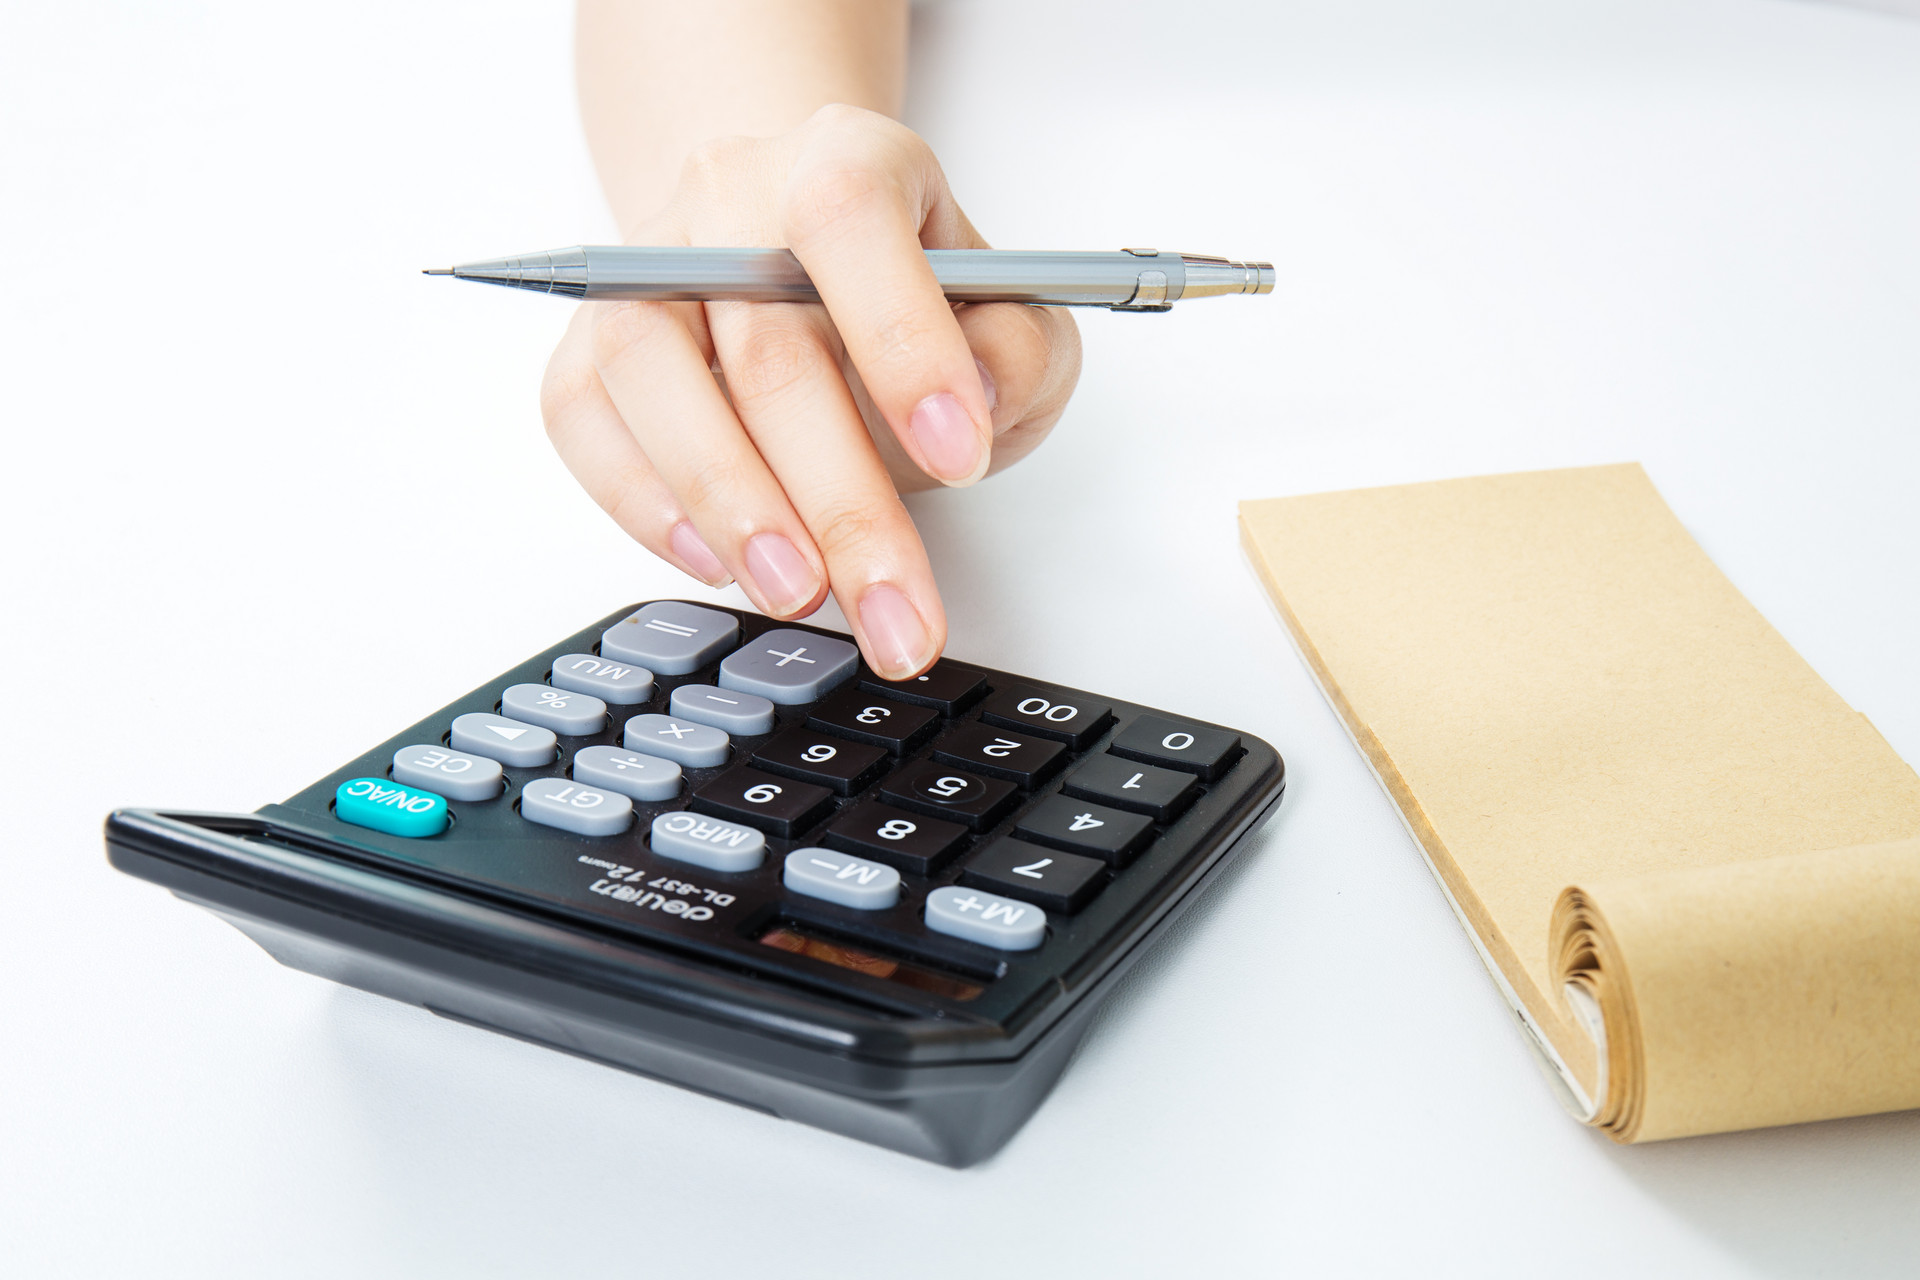 企业不缴纳社保只补现金,员工是赚了还是亏了?